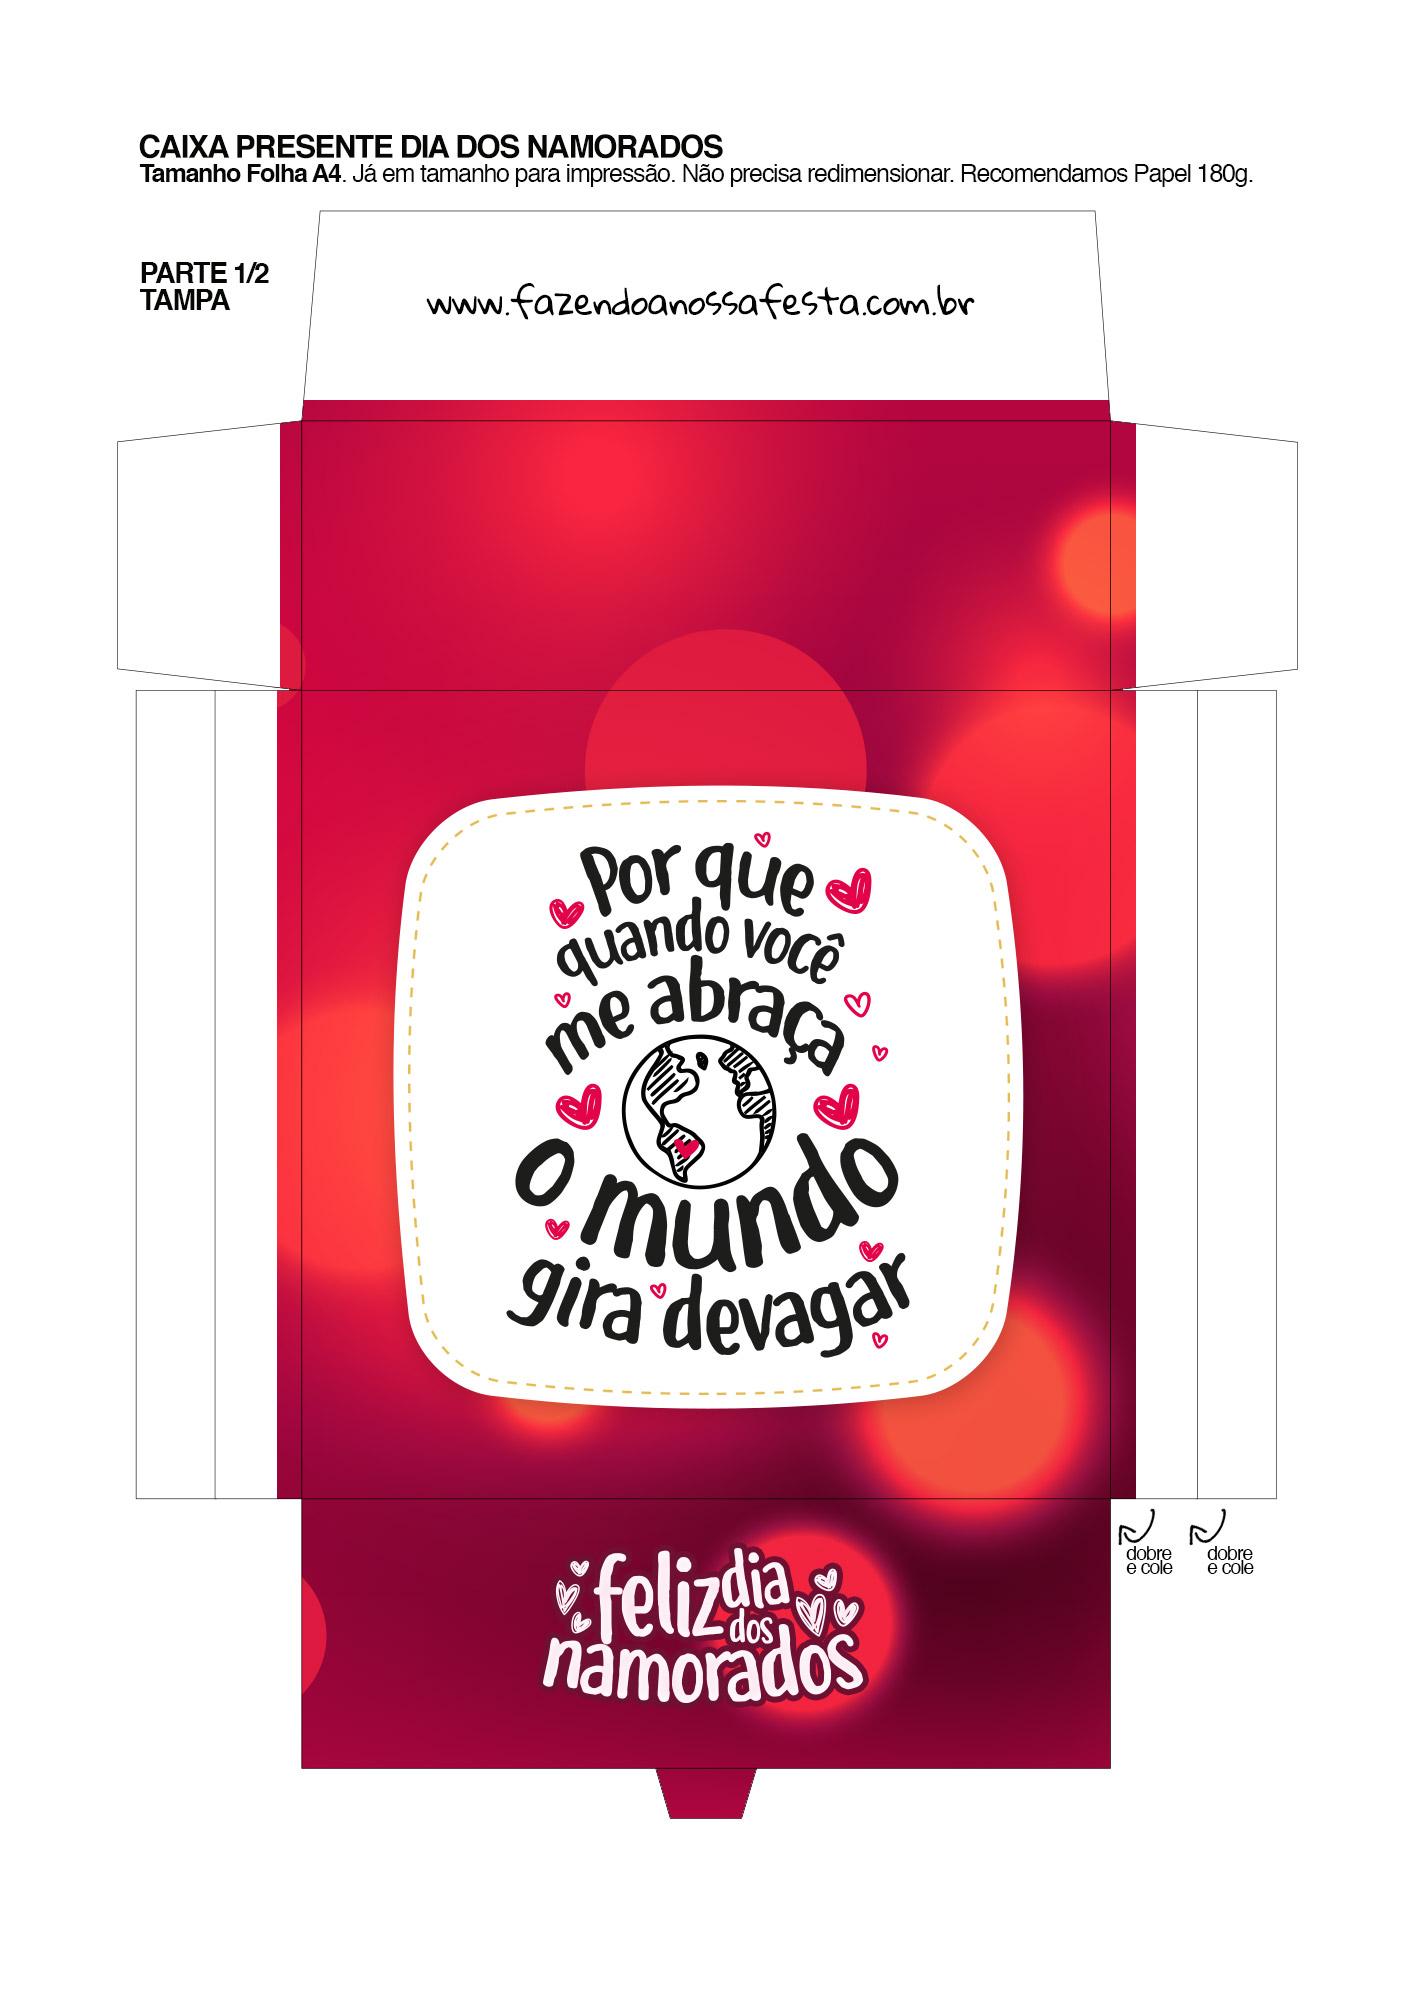 Caixa Musical Dia dos Namorados porque quando voce me abraca_01